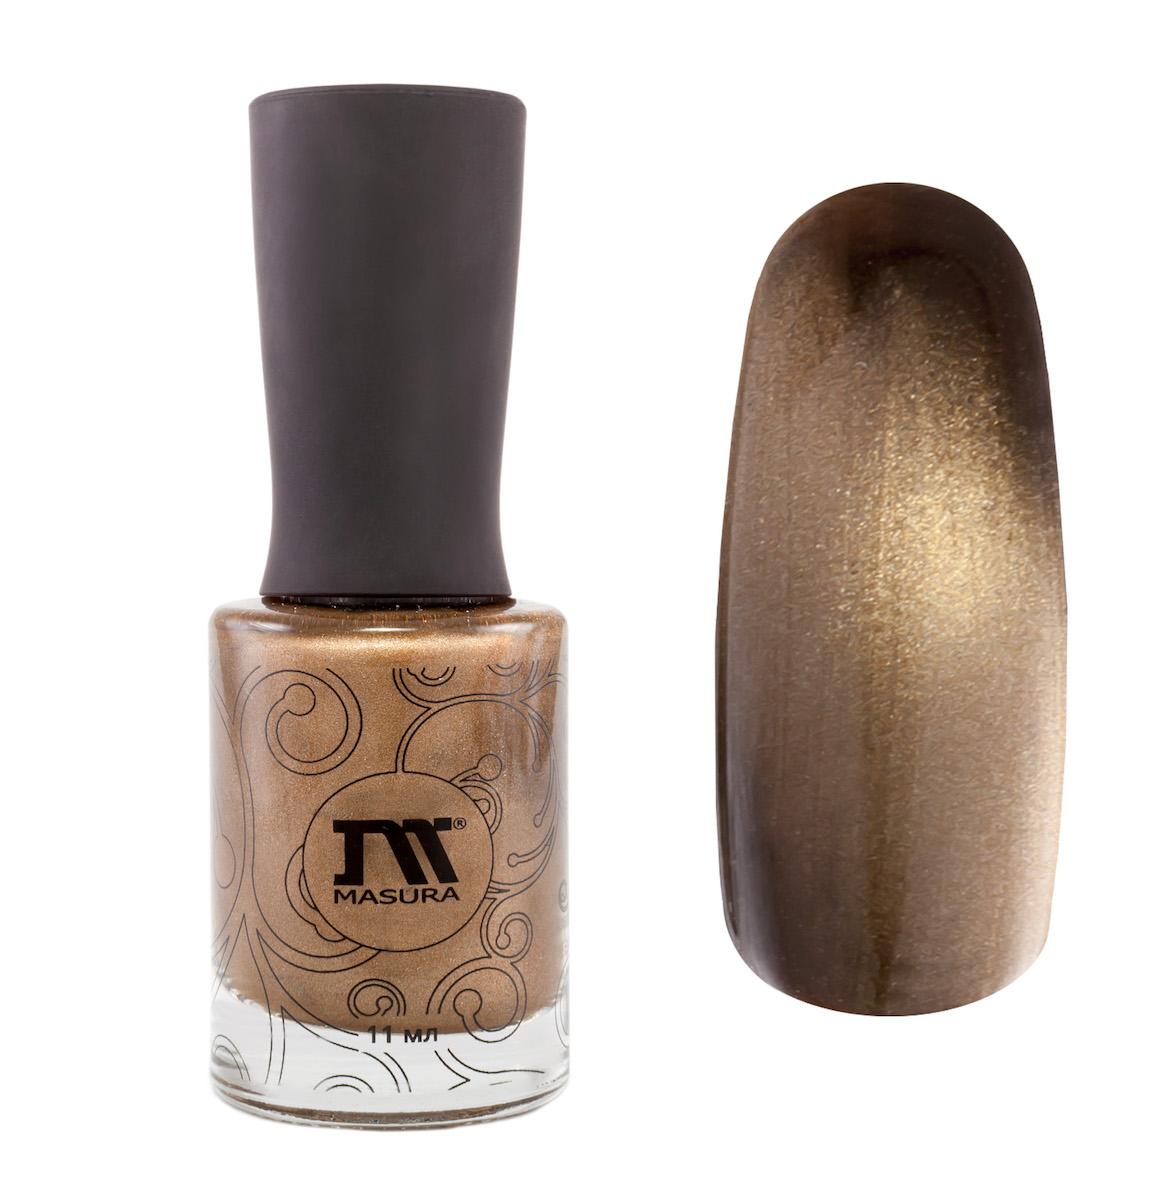 Masura Лак для ногтей Тиговый глаз, 11 мл904-110золотой песок